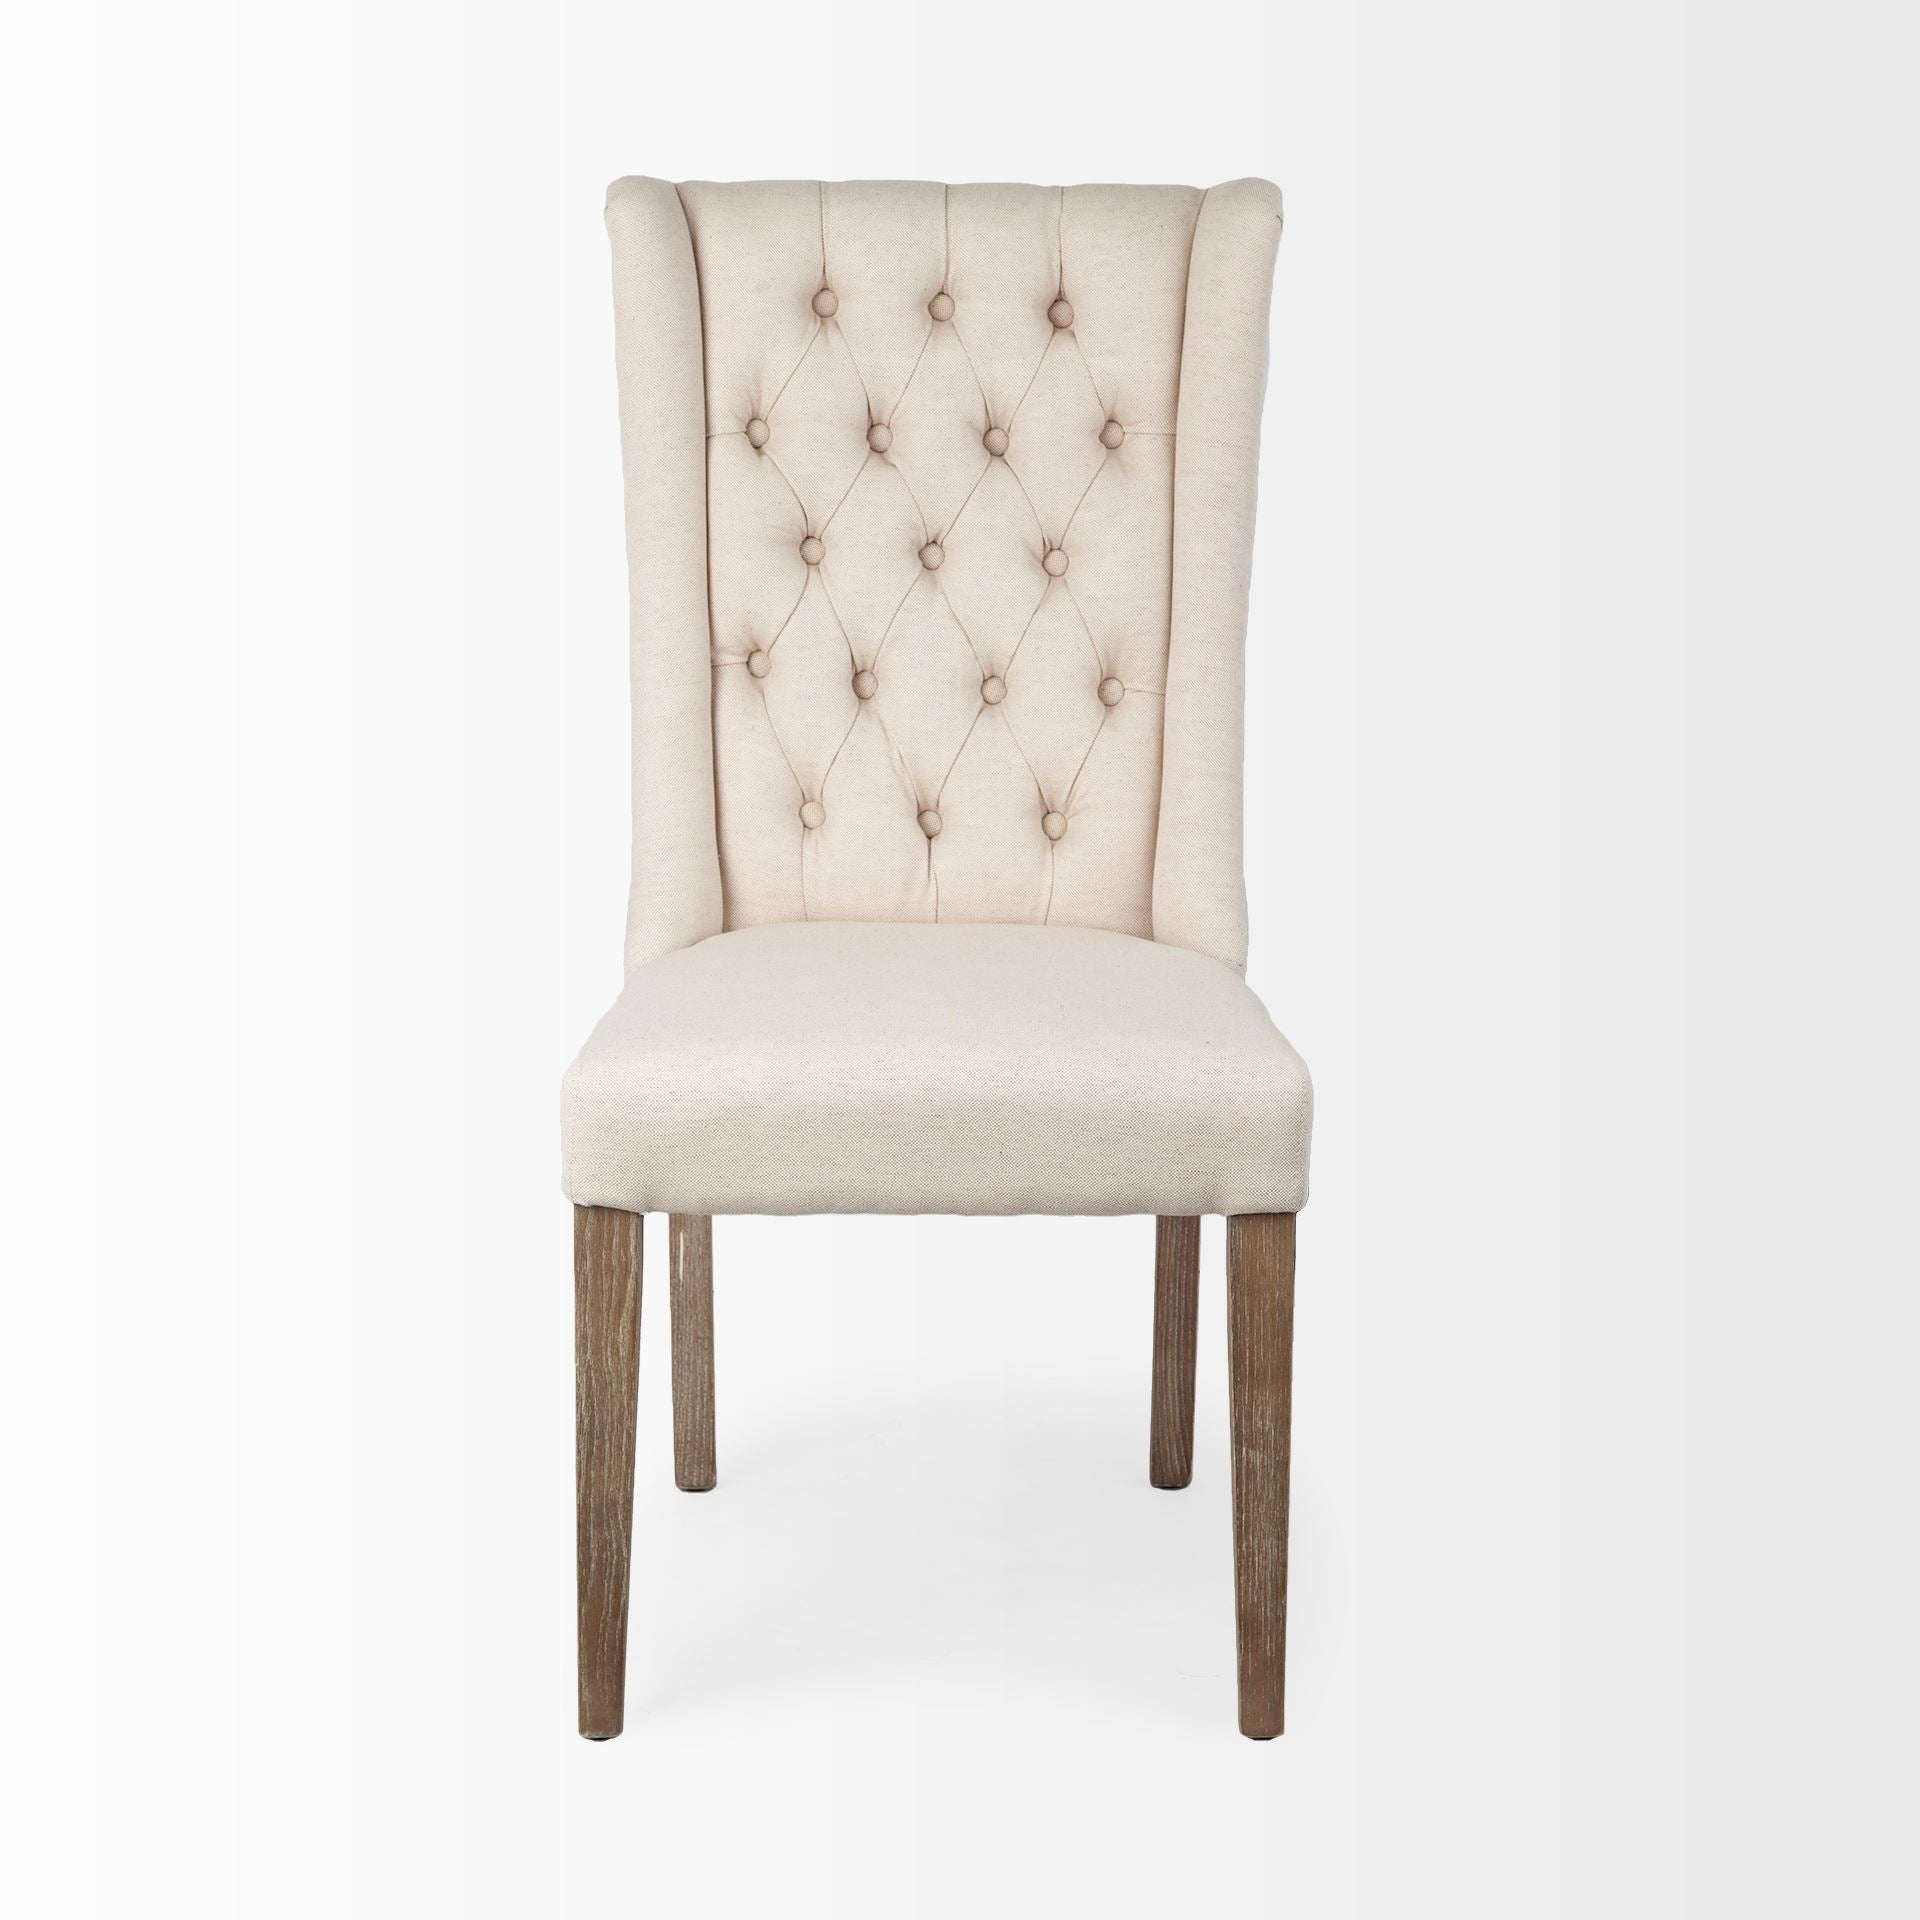 Mercana Mackenzie I Dining Chair Overstock 24218218